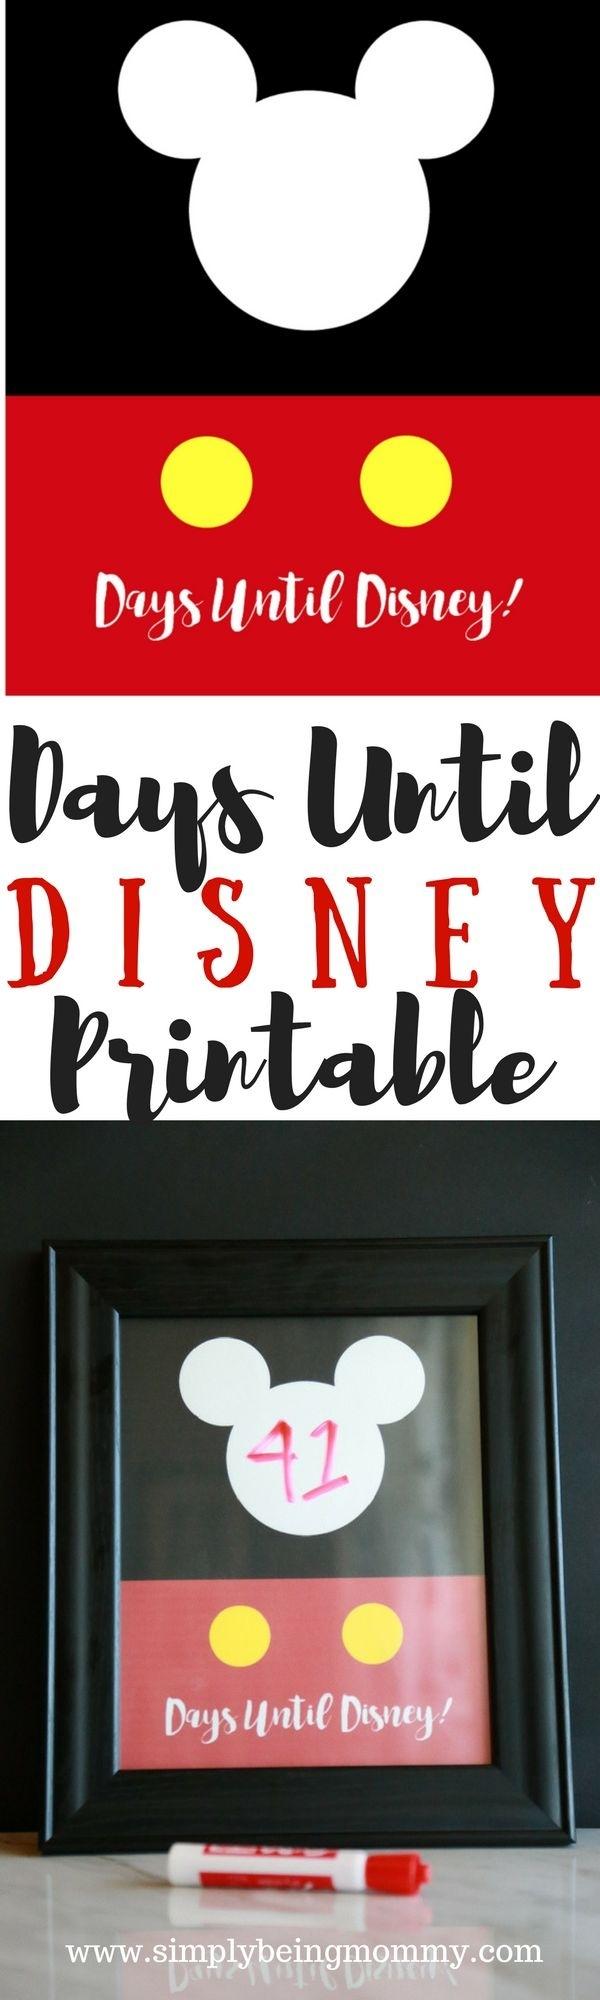 99 Days To Disney Printable Calendar | Calendar Template Printable  99 Days To Disney Printable Calendar